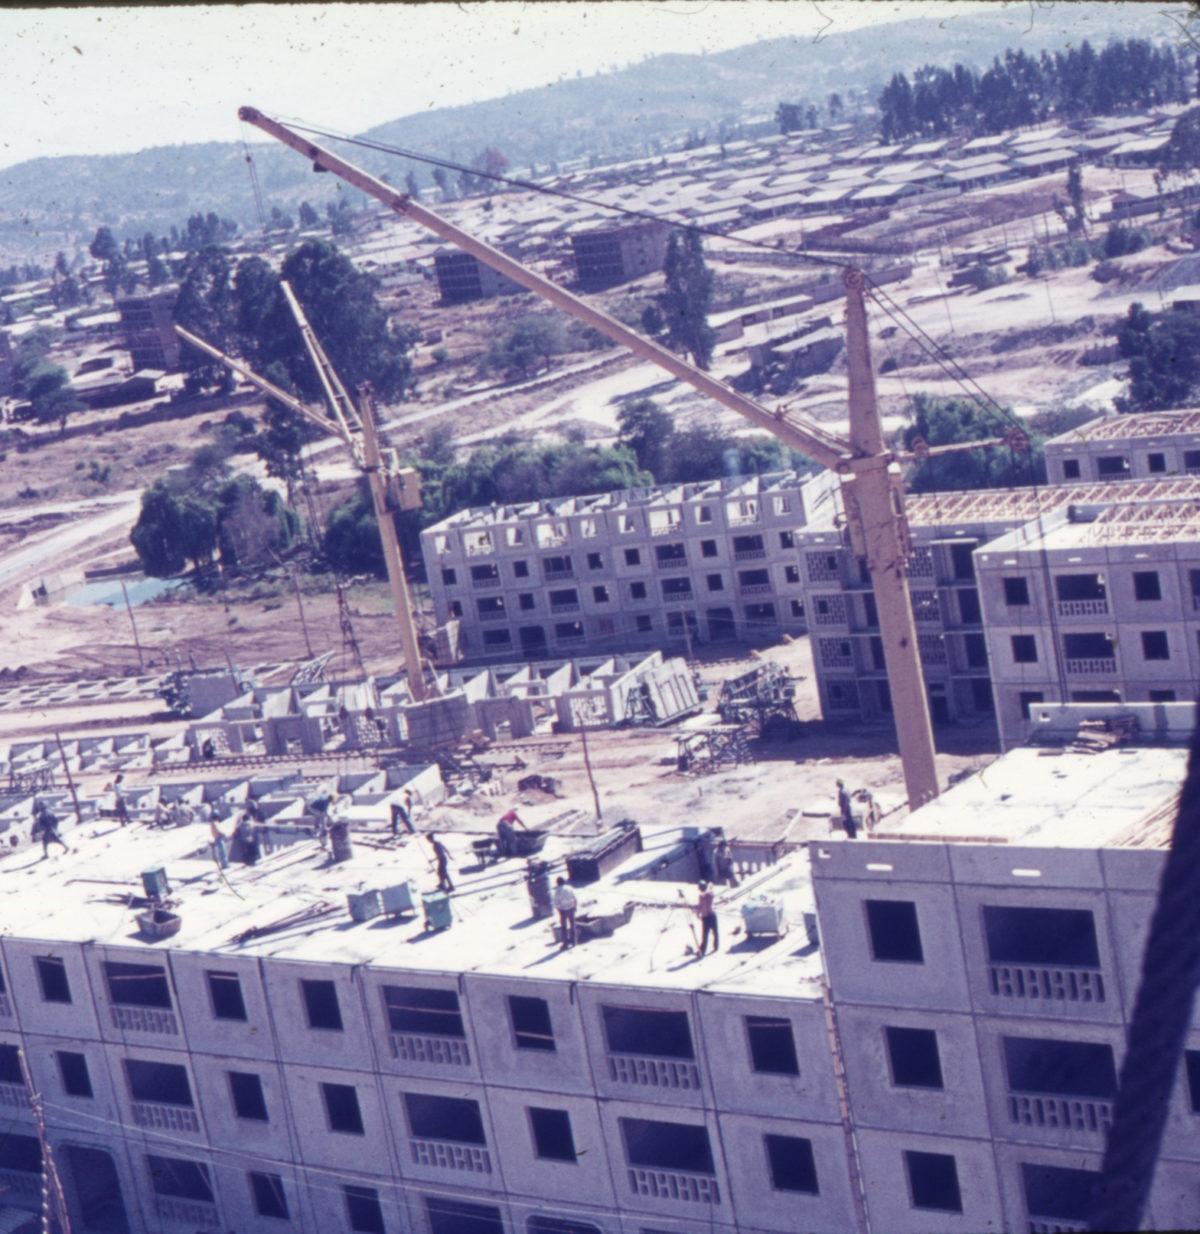 Ministro Cancino procesa a dos oficiales de la Armada (r) por secuestro de trabajador de industria KPD en 1973